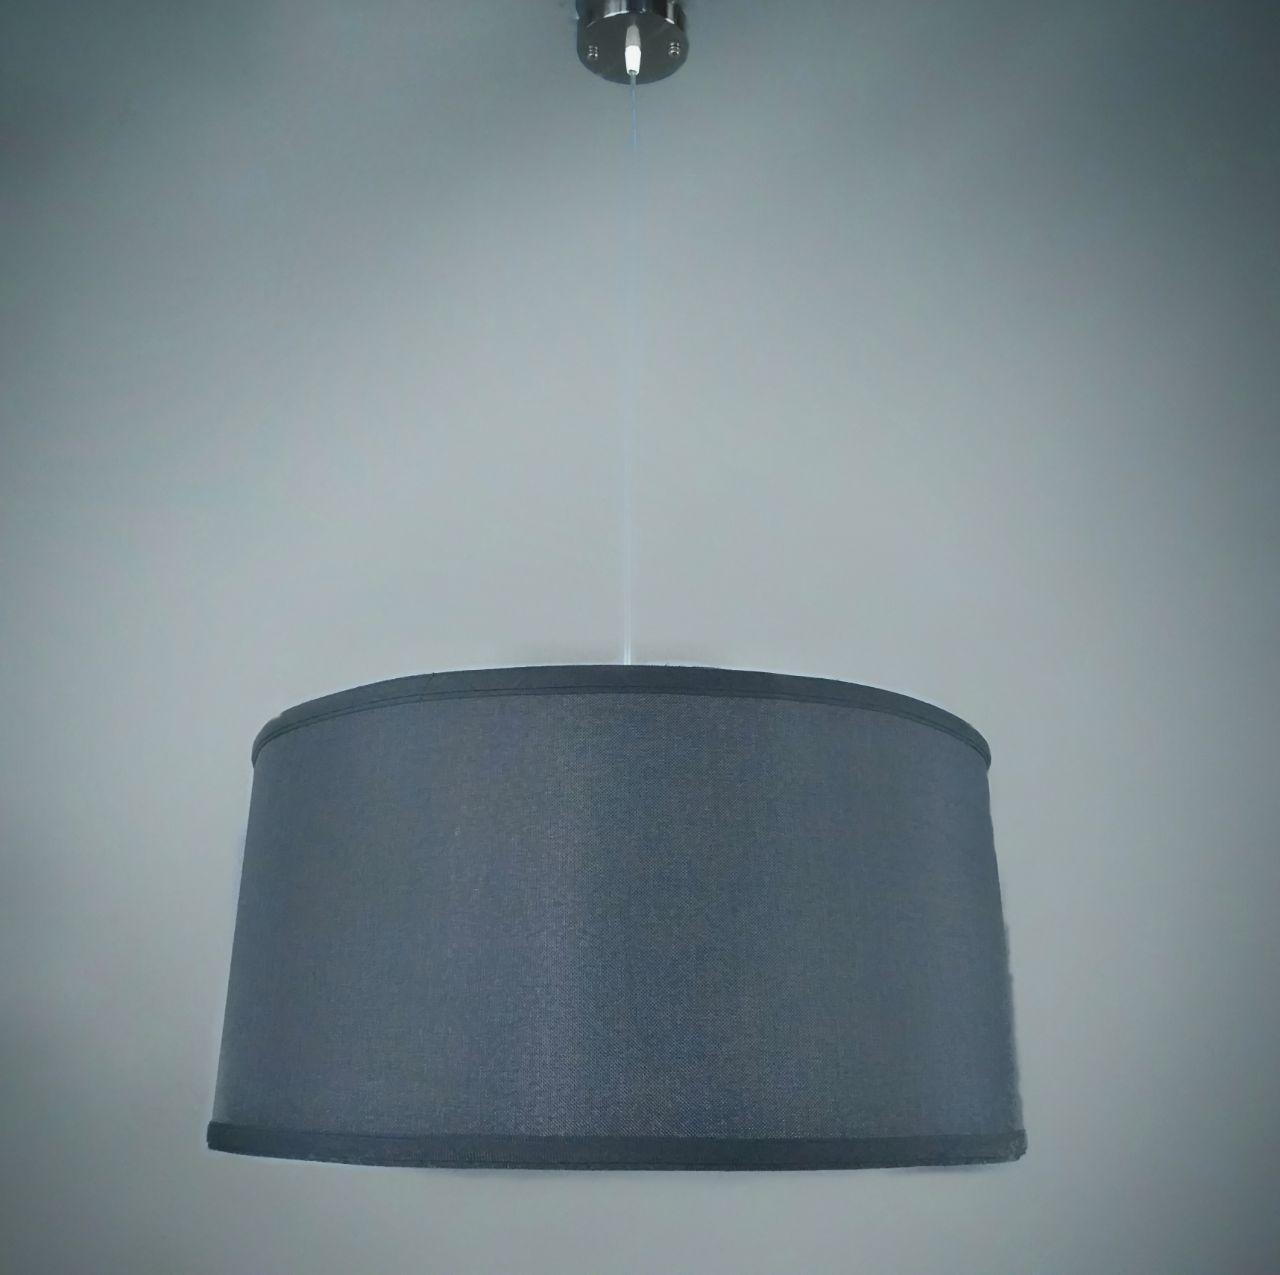 Люстра подвесная на 1 лампу P4503 Черный (40см)TK